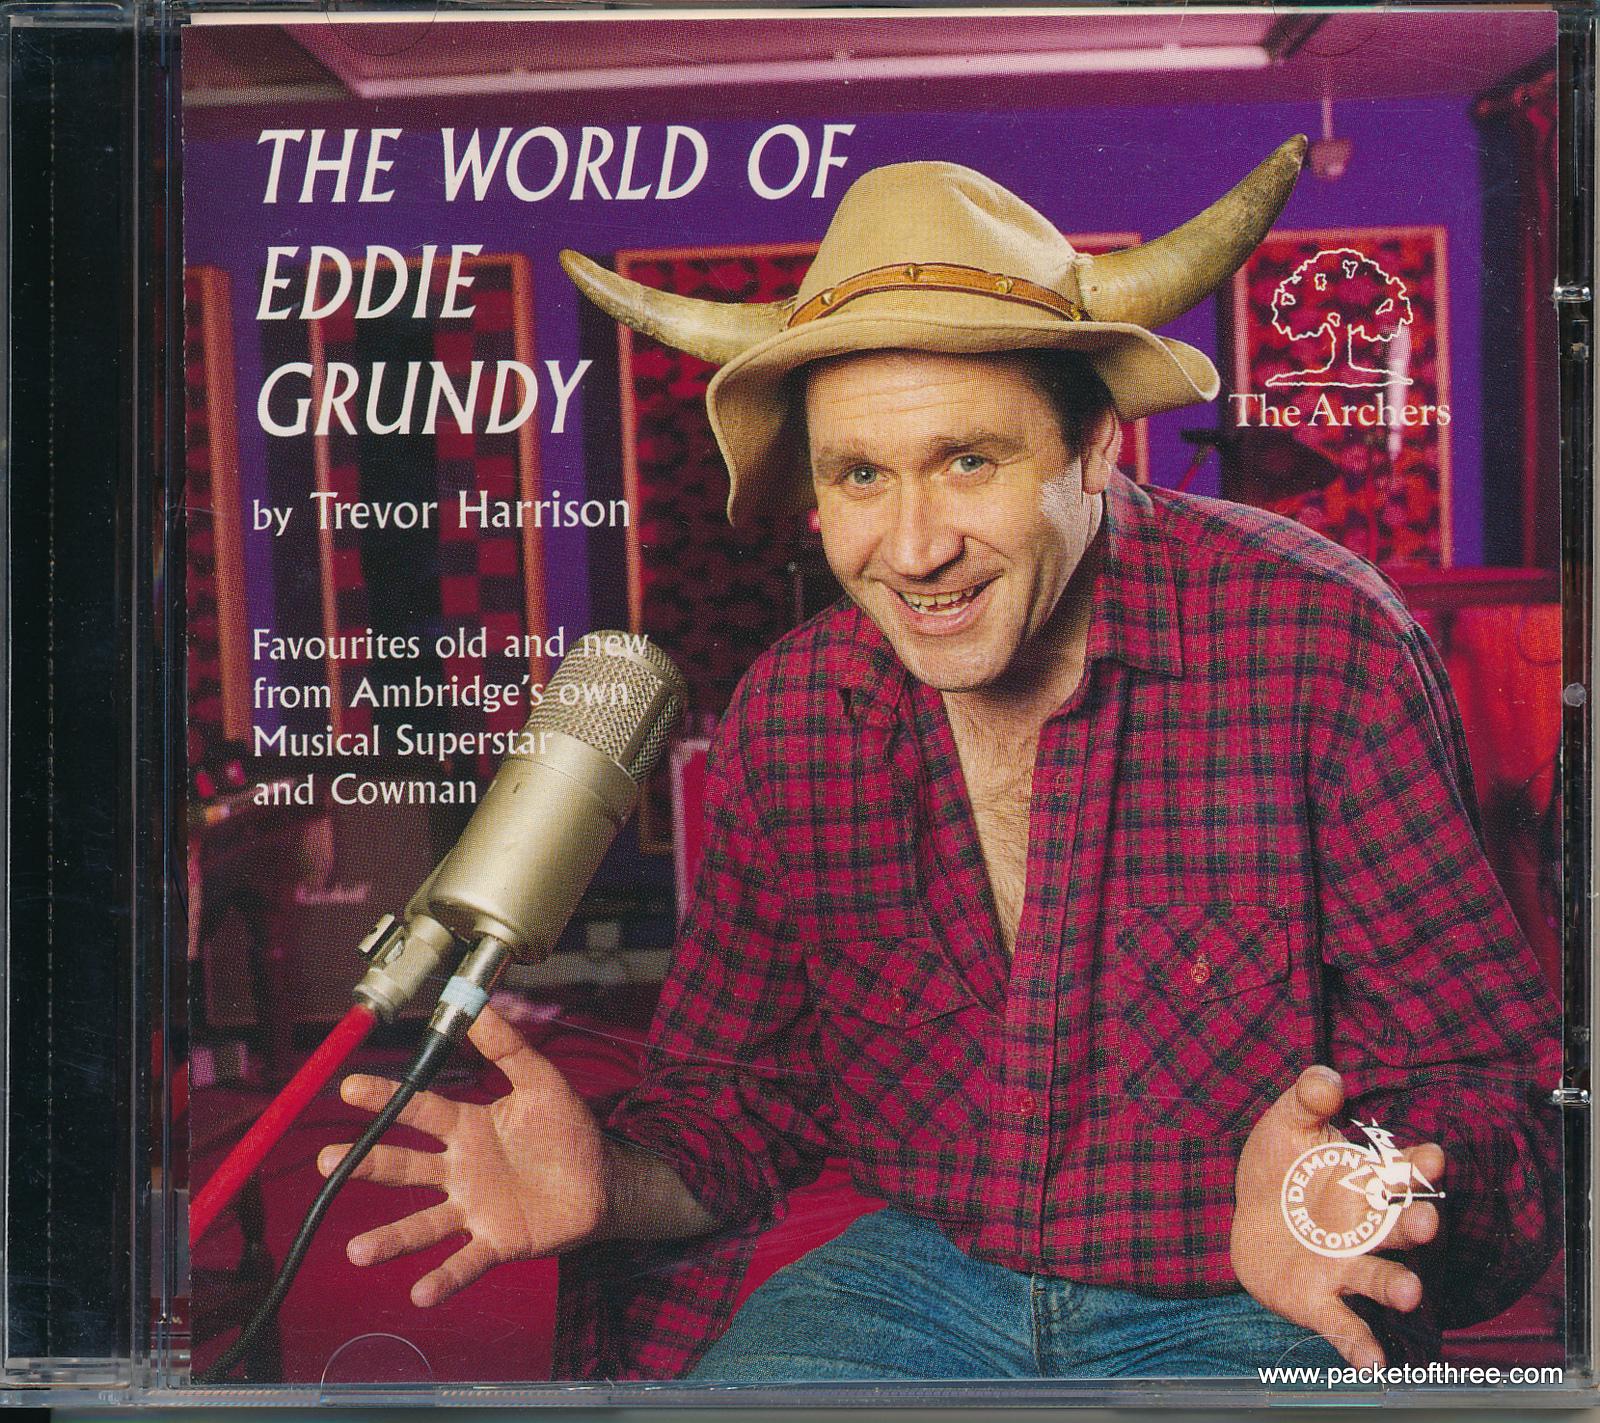 The World of Eddie Grundy